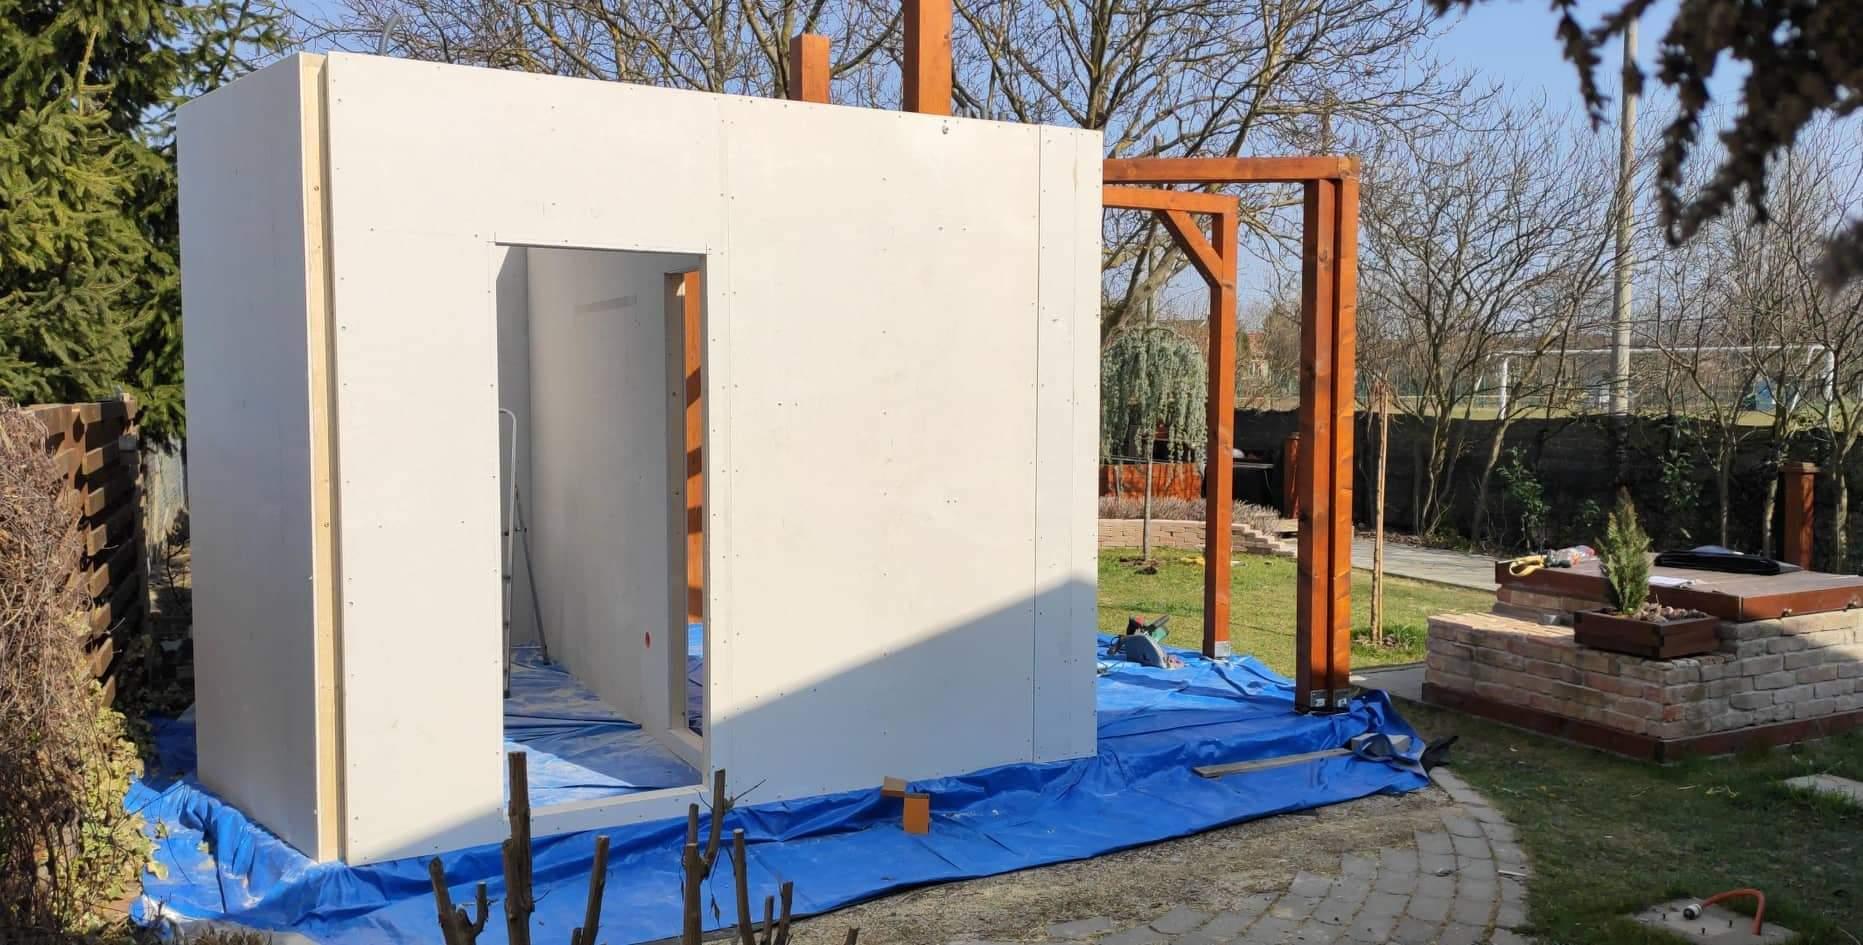 Relaxačný domček sauna a oddychová miestnosť ... plány, príprava a realizácia - Obrázok č. 77